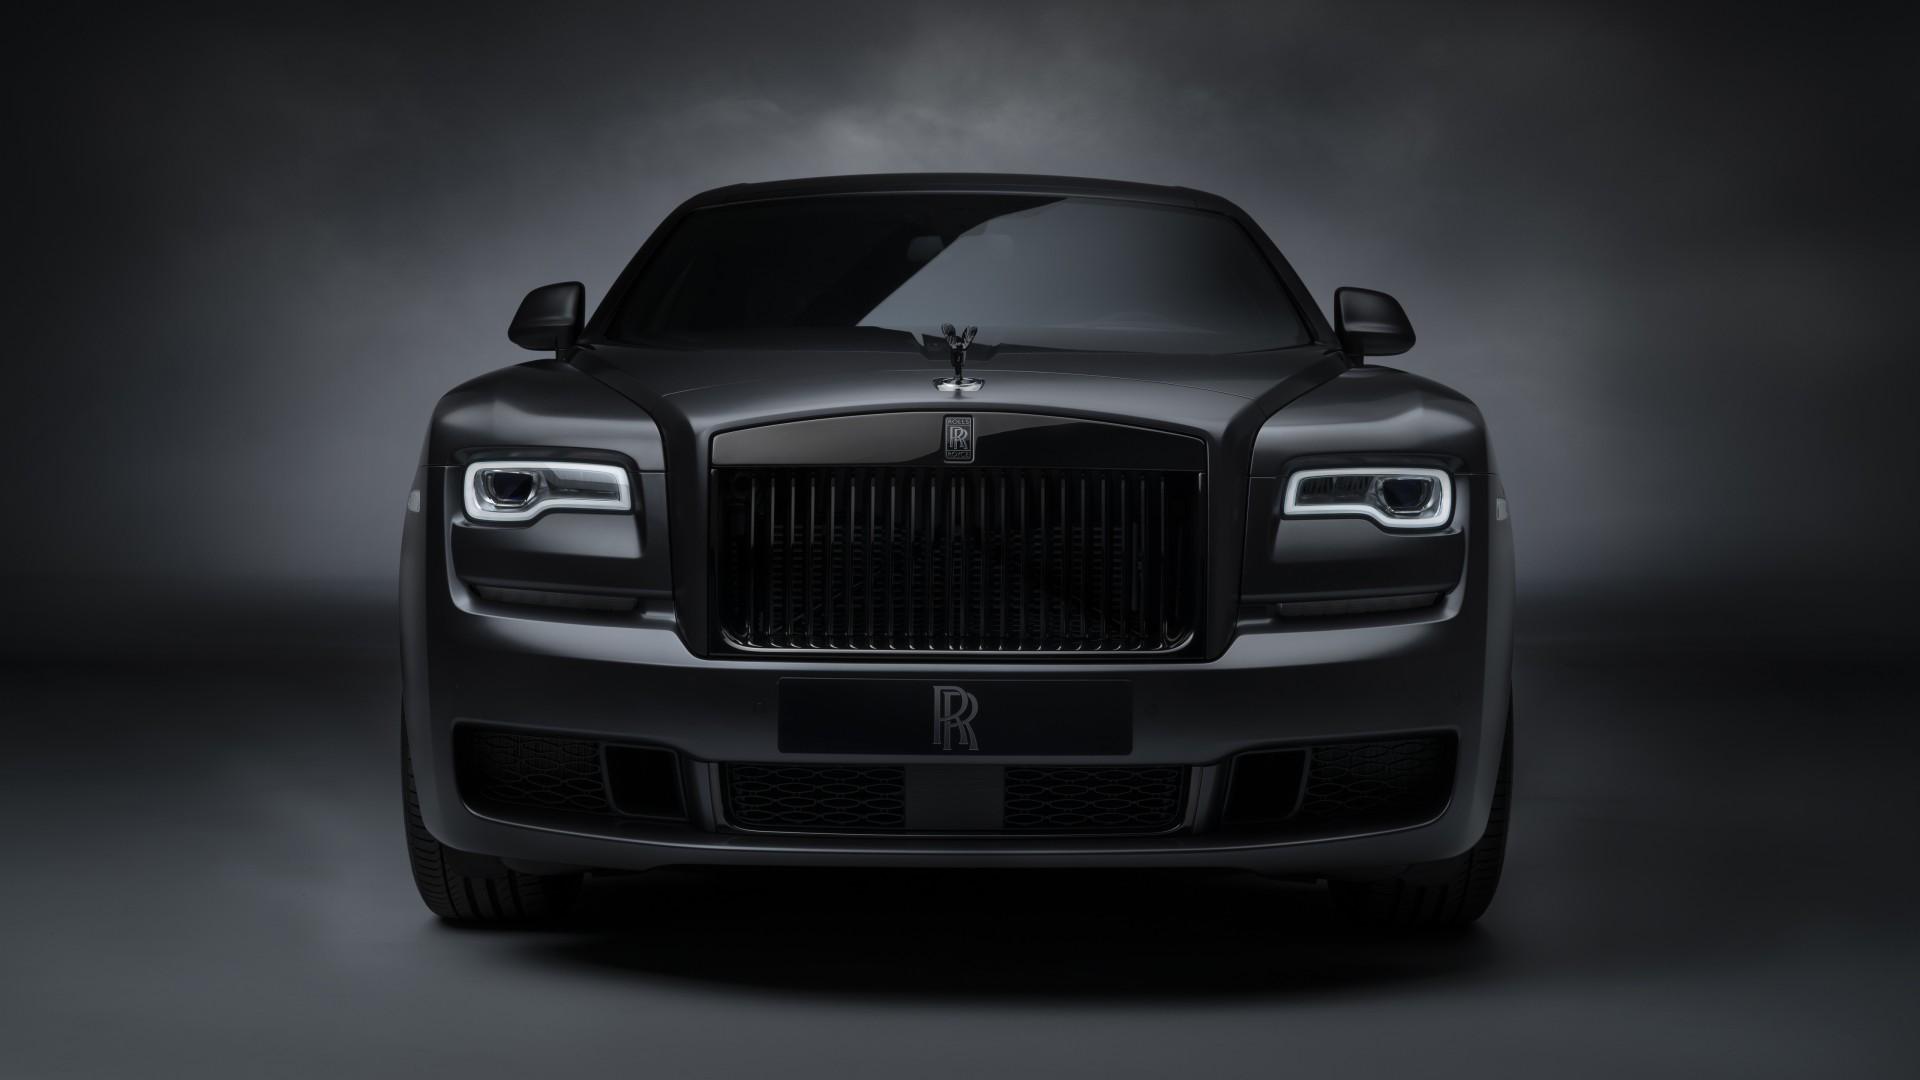 Jaguar Car Logo Hd Wallpaper Download Rolls Royce Ghost Black Badge 2019 5k 2 Wallpaper Hd Car